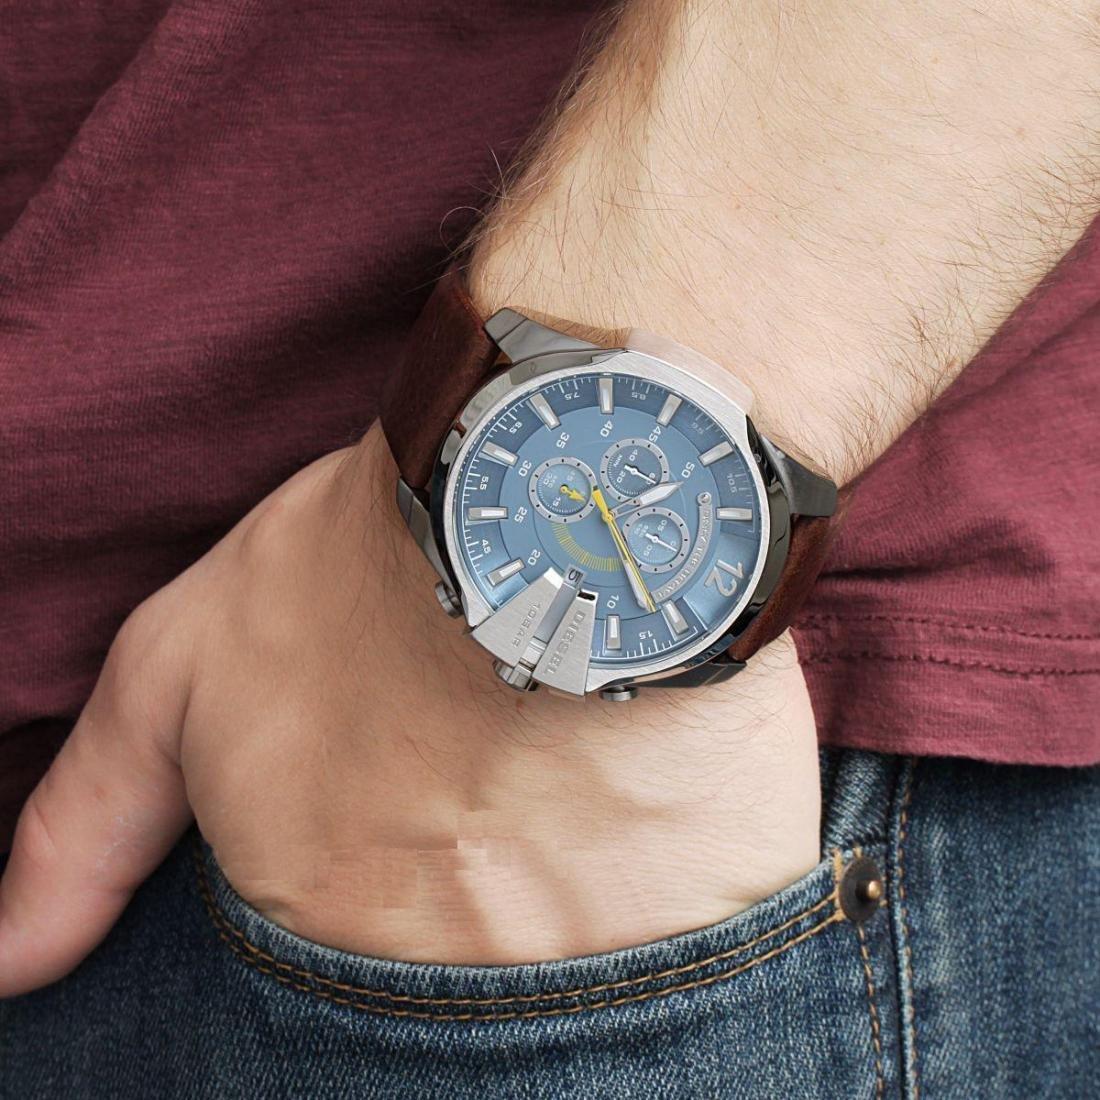 Объявления продам часы час аренды расчет в стоимости автомобиля